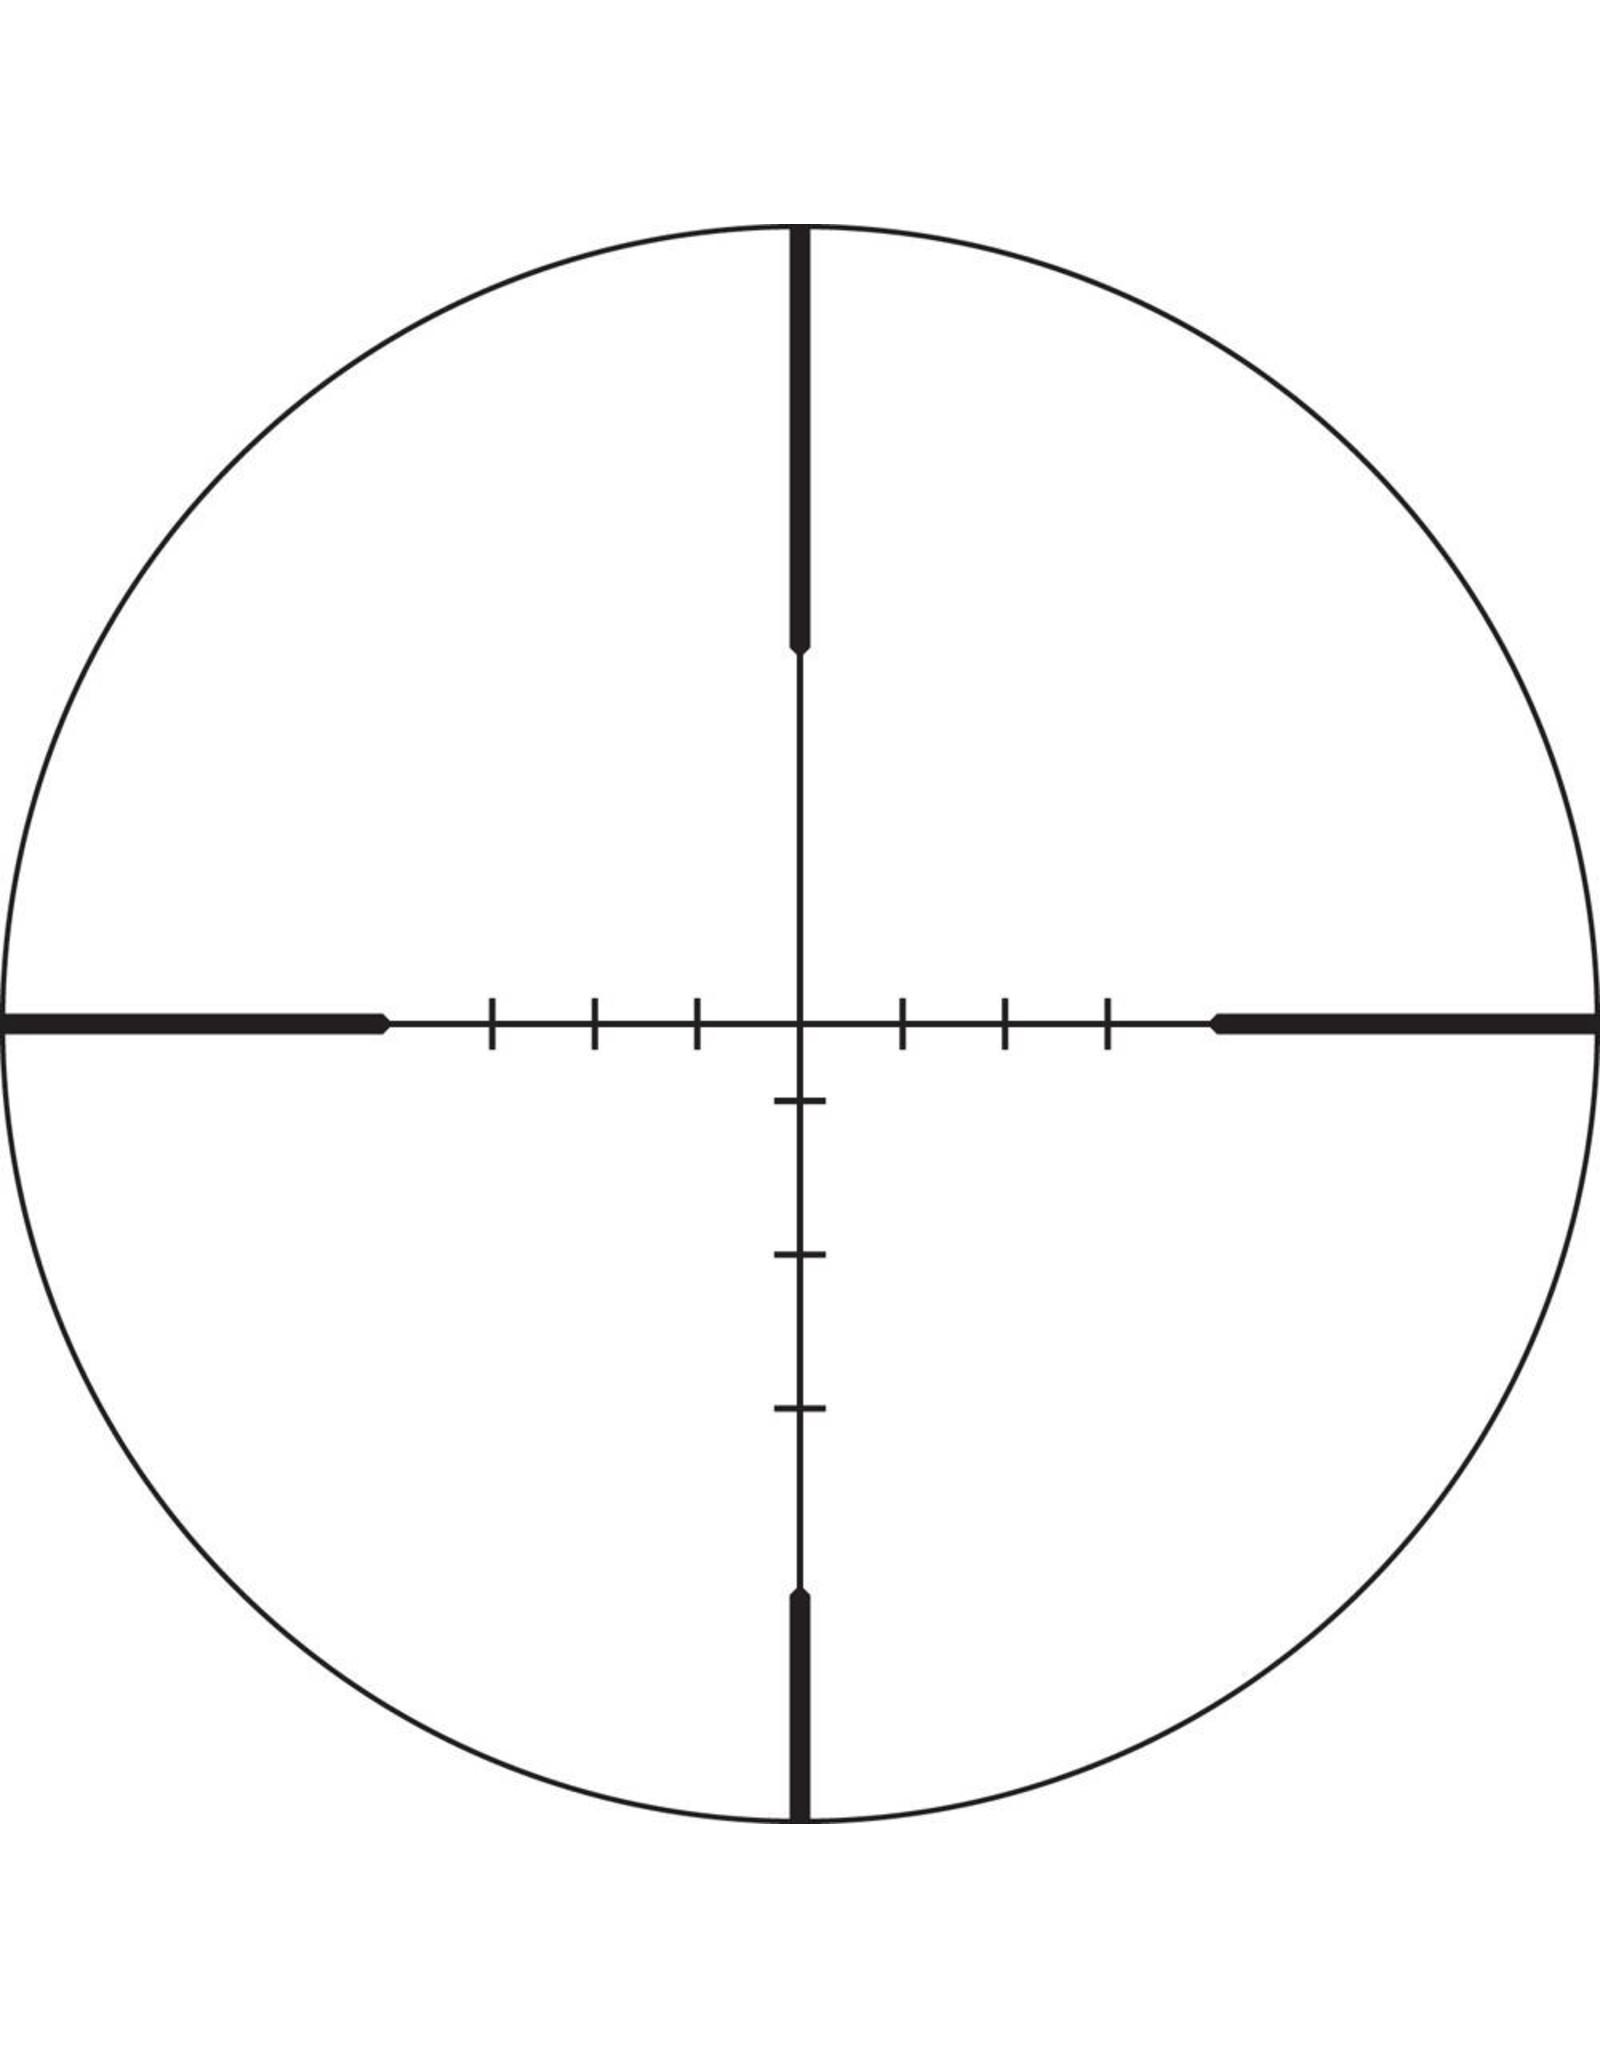 Vortex Vortex Crossfire II 3-9x40 Riflescope (1-Inch) BDC